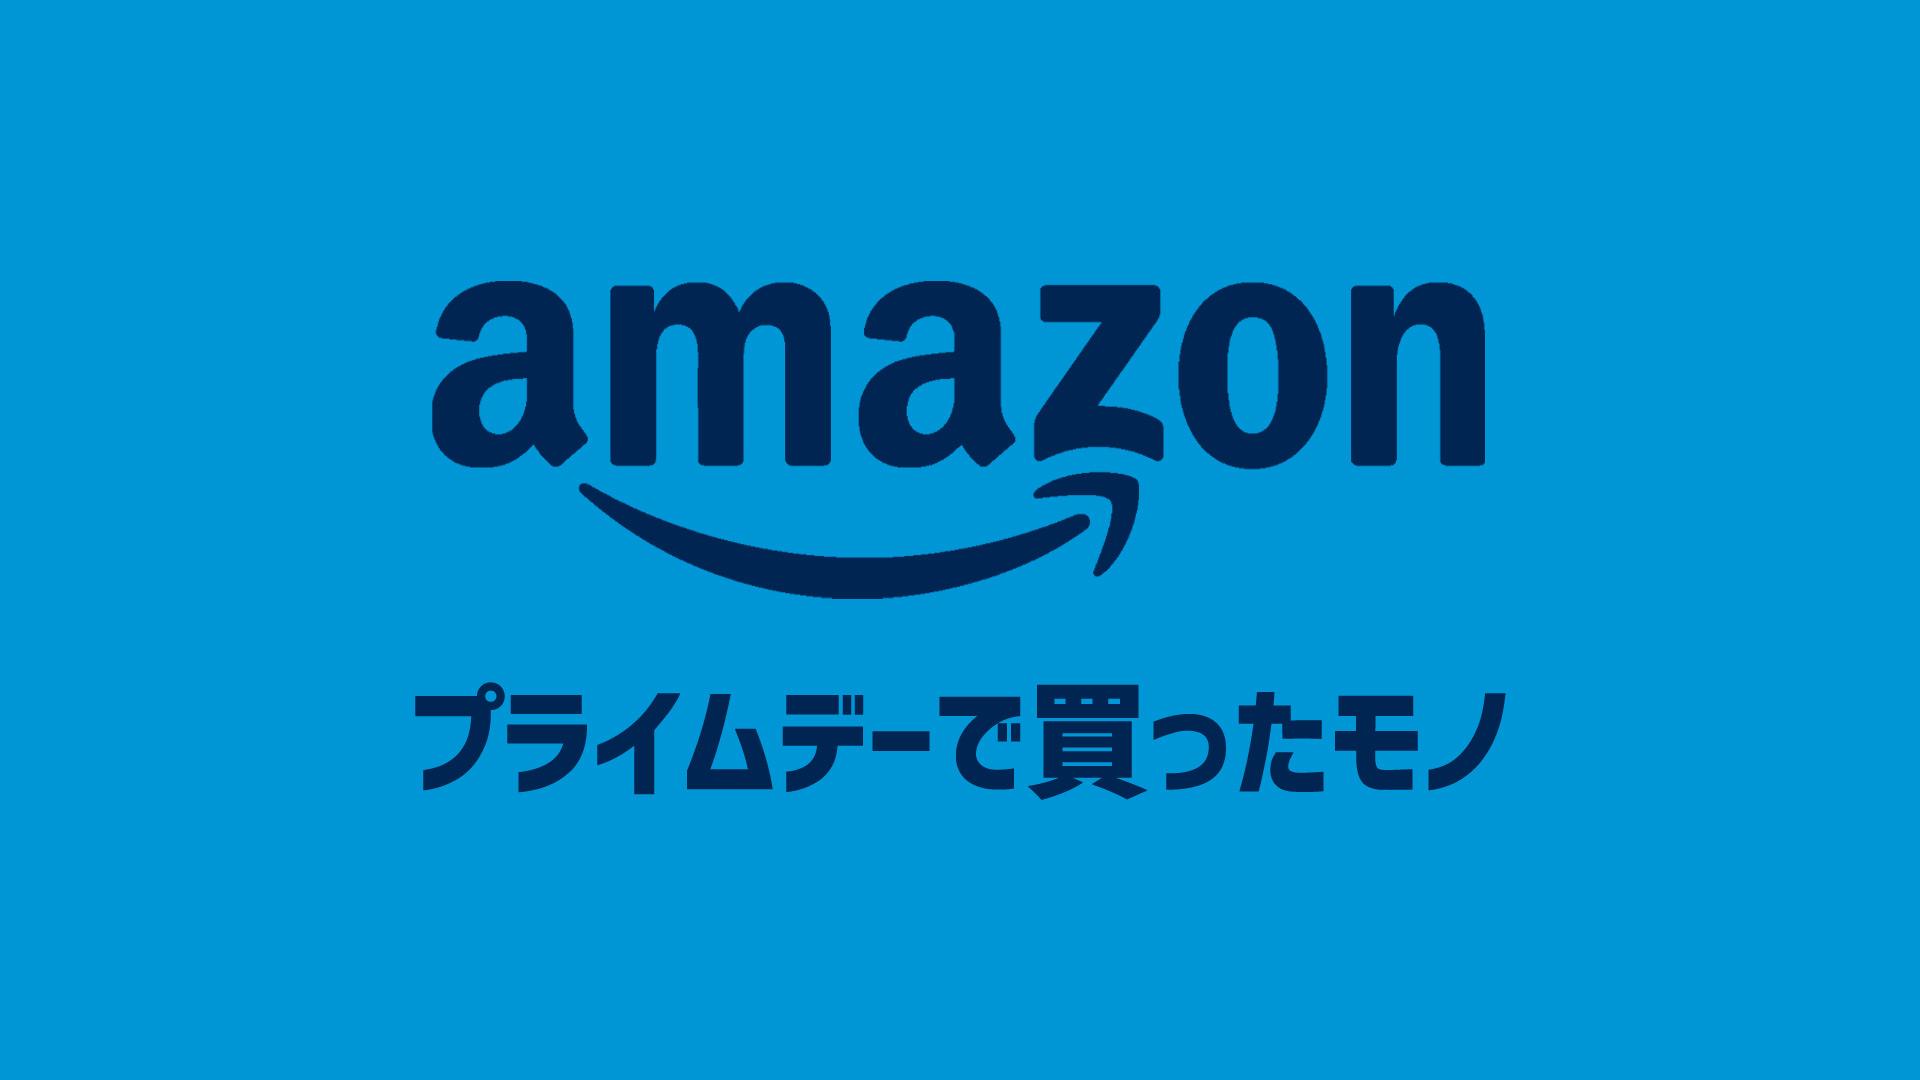 Amazonプライムデーで実際に買ったモノまとめ【随時更新】